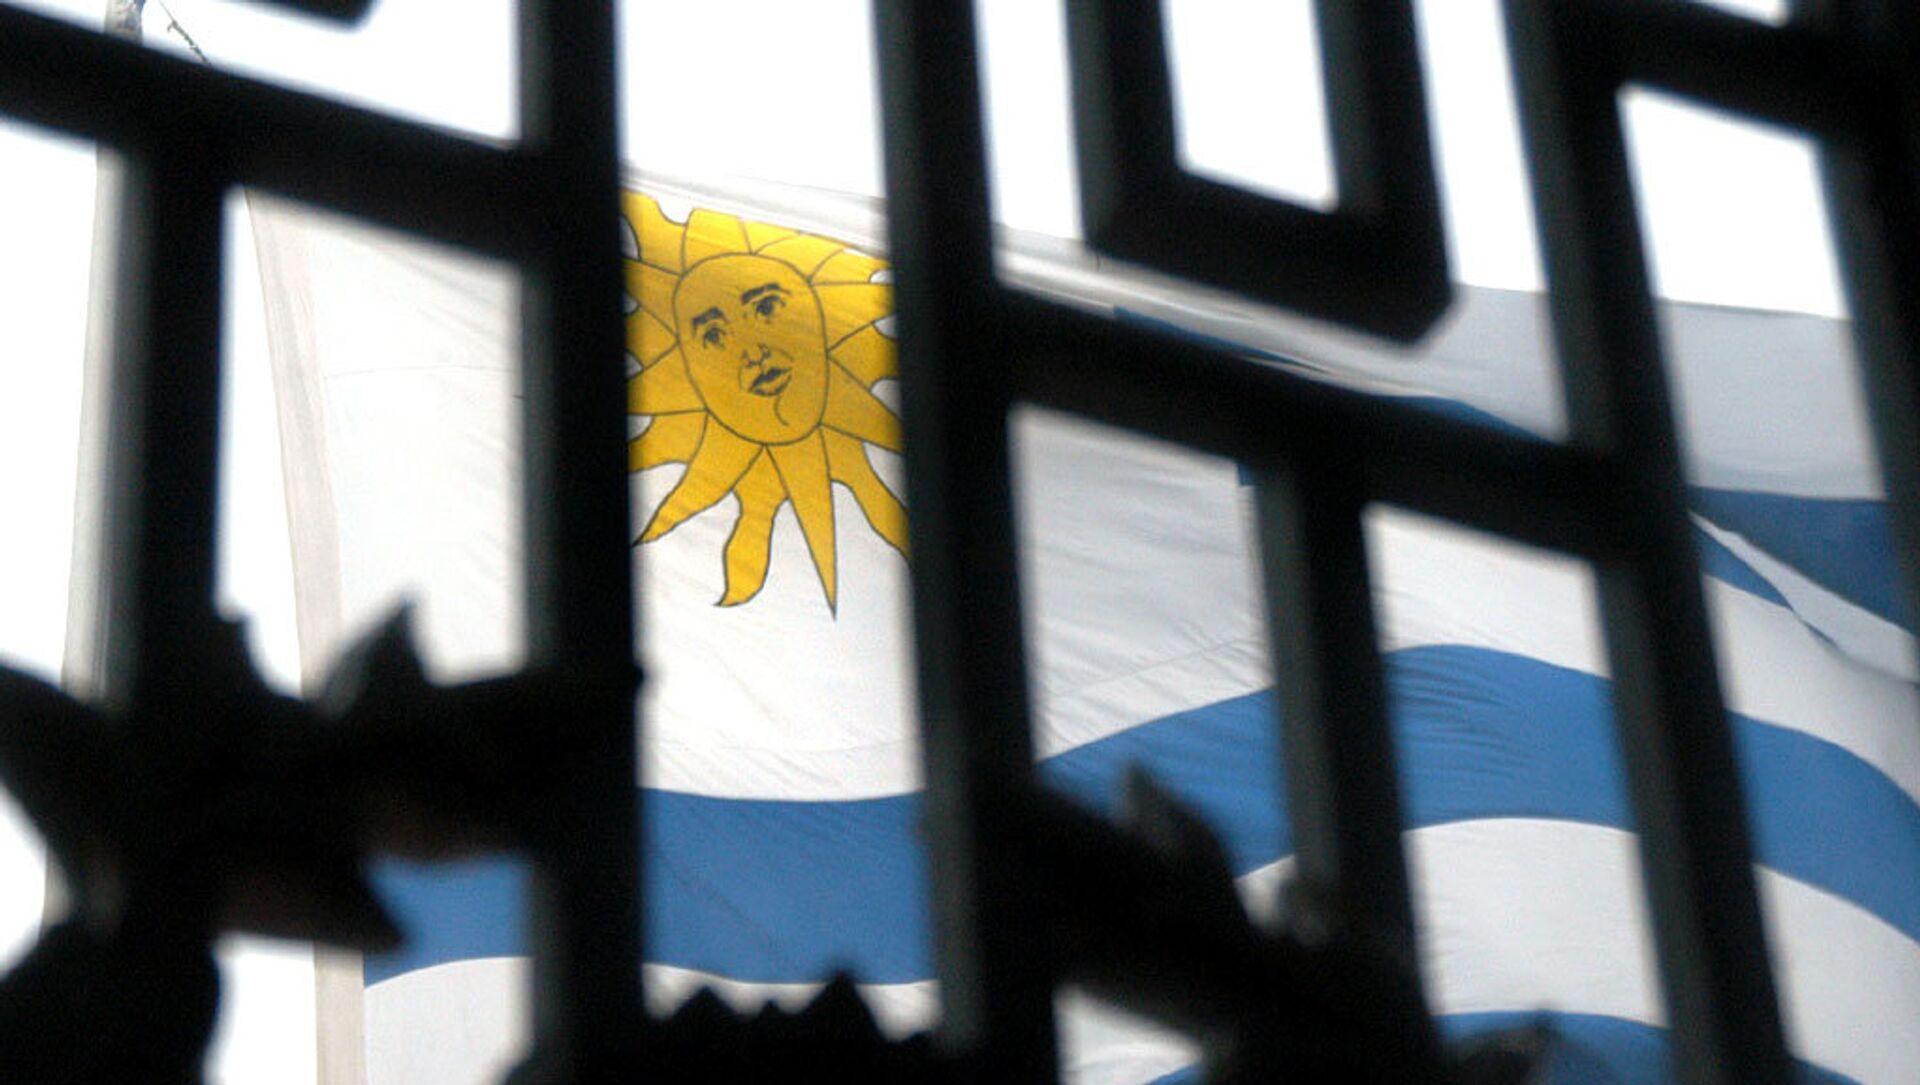 La bandera de Uruguay - Sputnik Mundo, 1920, 04.02.2021